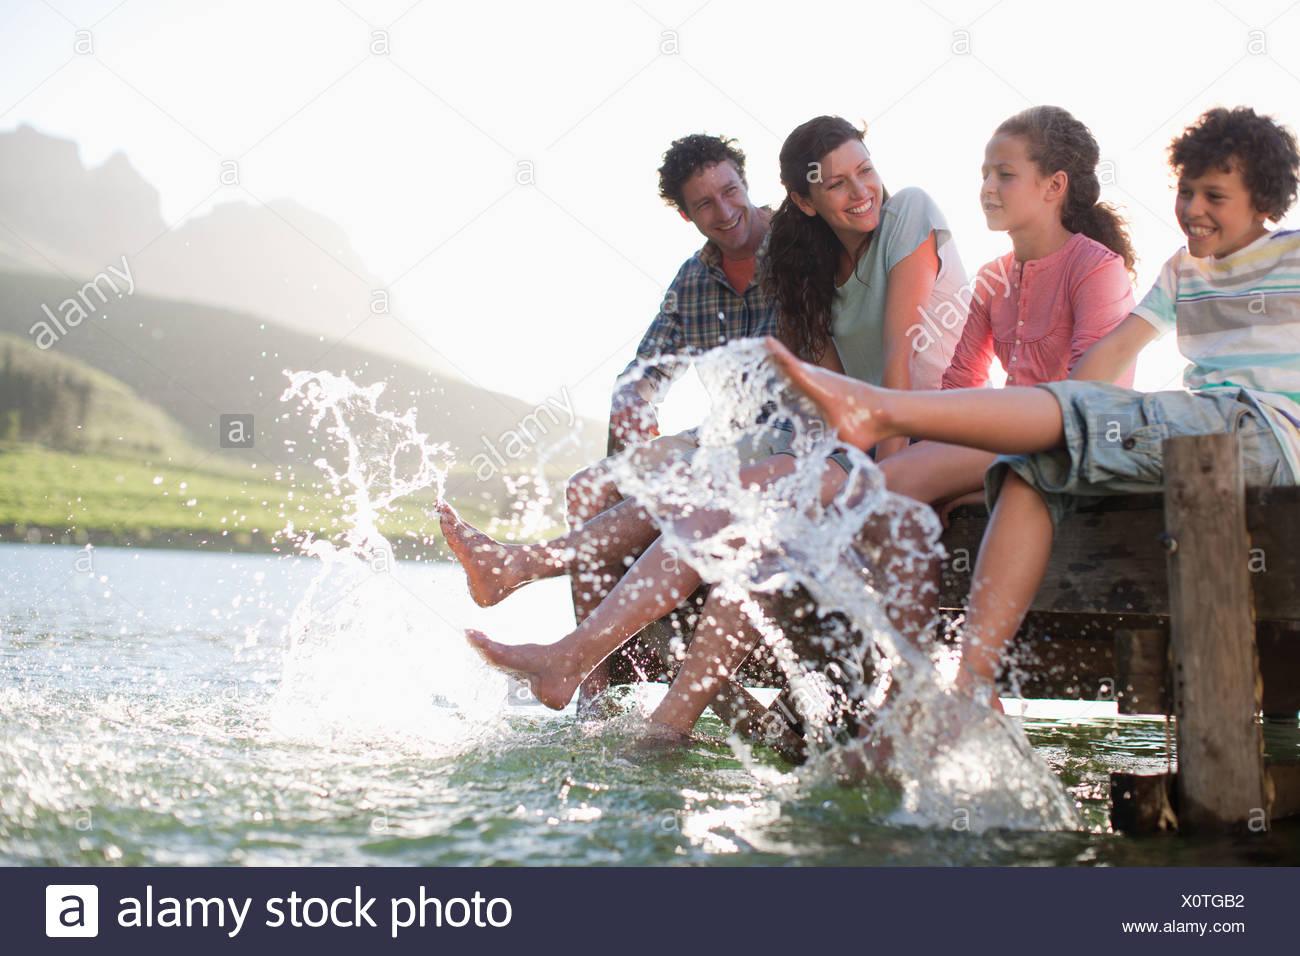 Family on dock splashing feet in lake - Stock Image